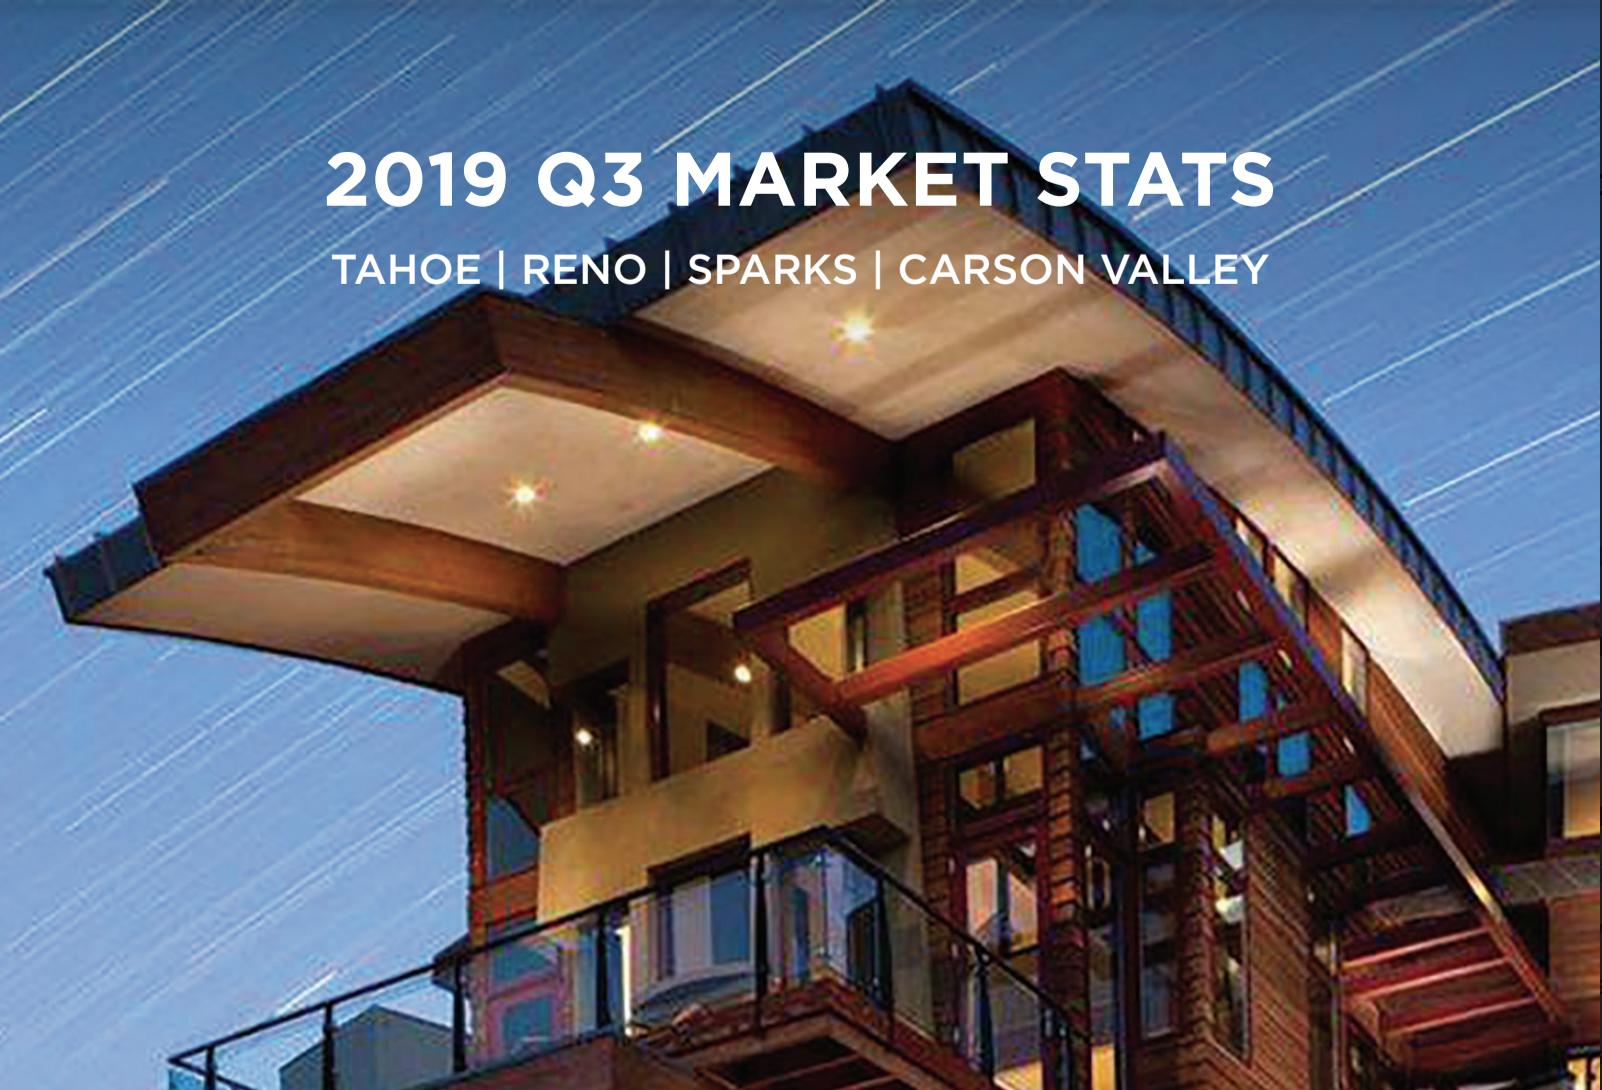 reno tahoe carson q3 real estate market reports